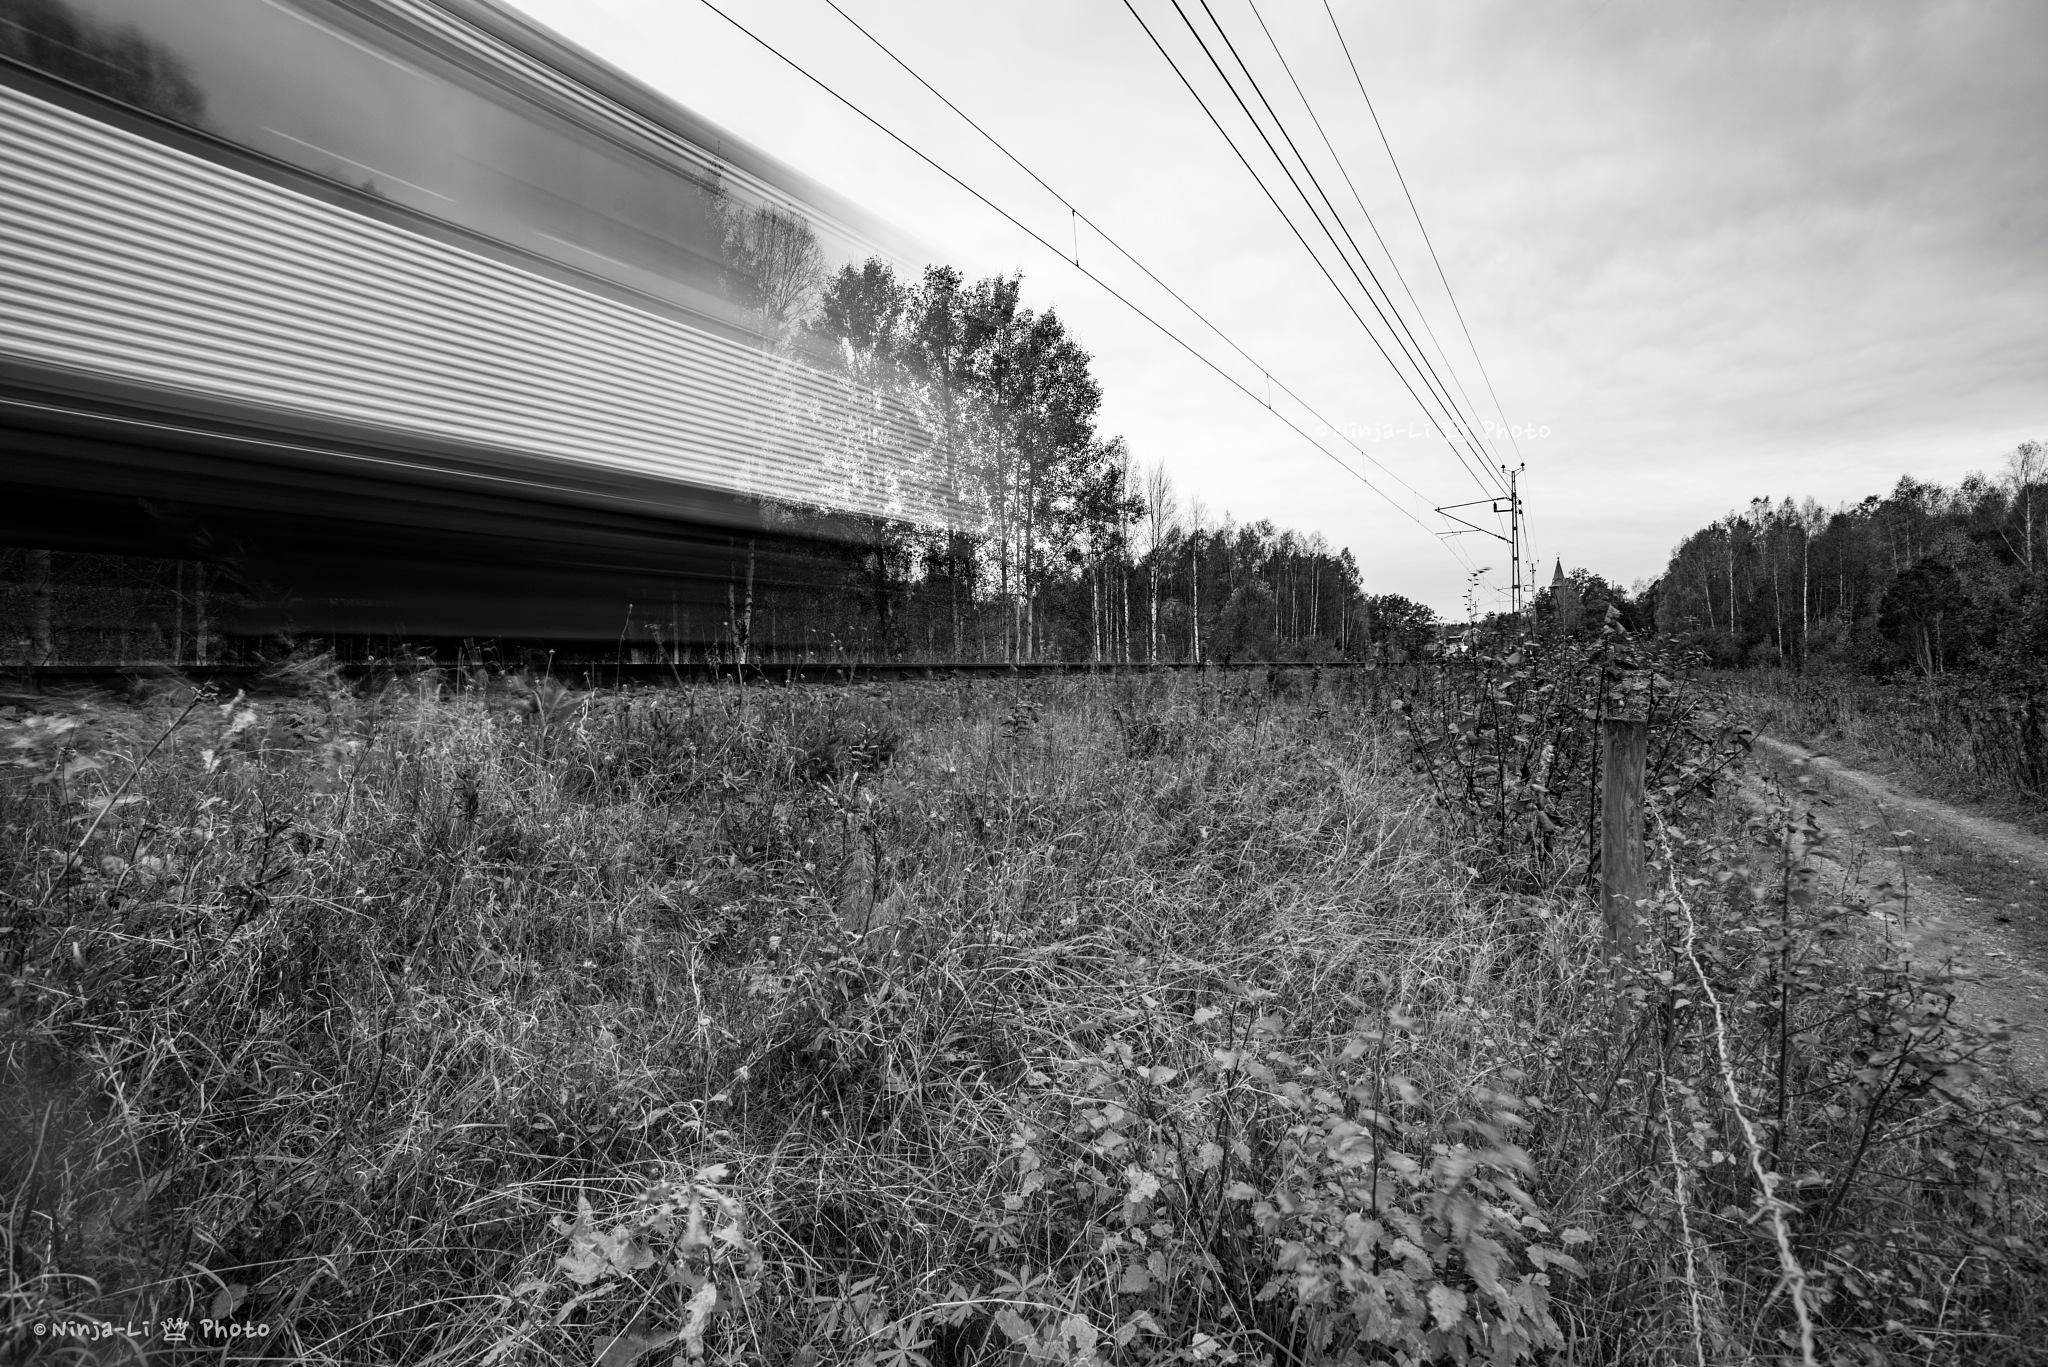 Ghost train by Ninja-Li Einarsen Stahre